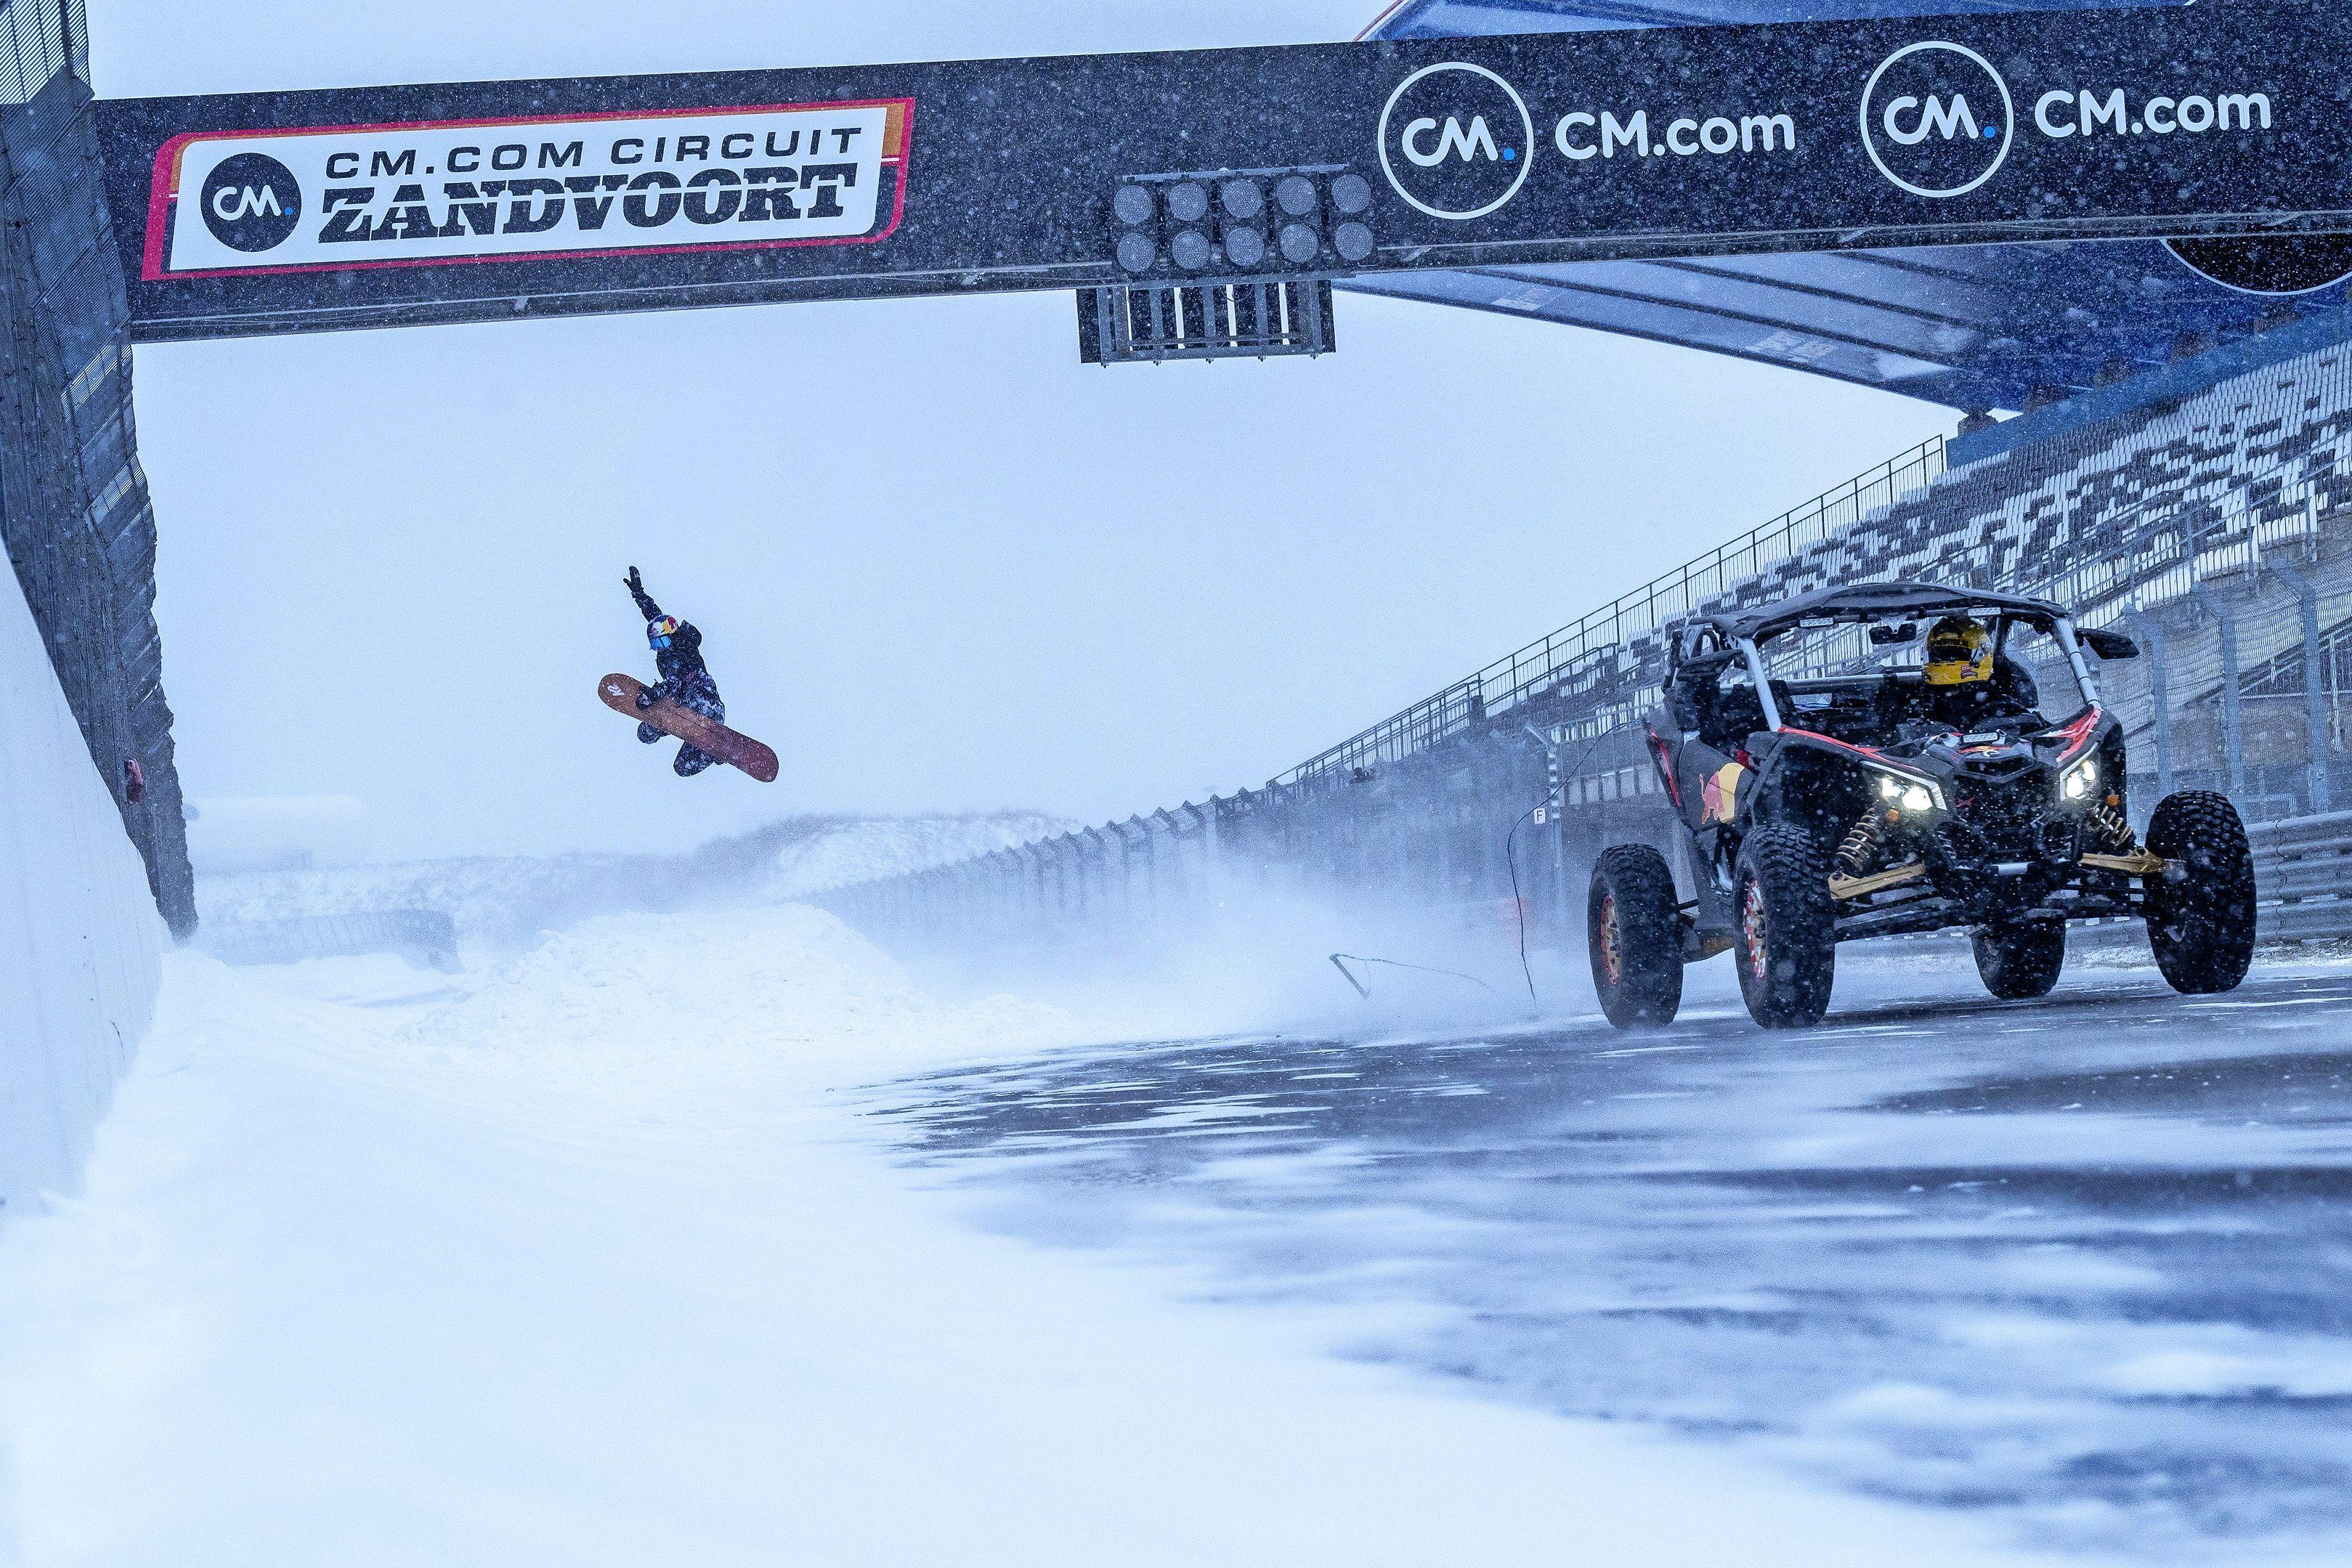 Melissa racete met een snowboard achter een auto over het circuit: 'Mijn board kan ik weggooien. We gingen wel negentig kilometer per uur' [video]